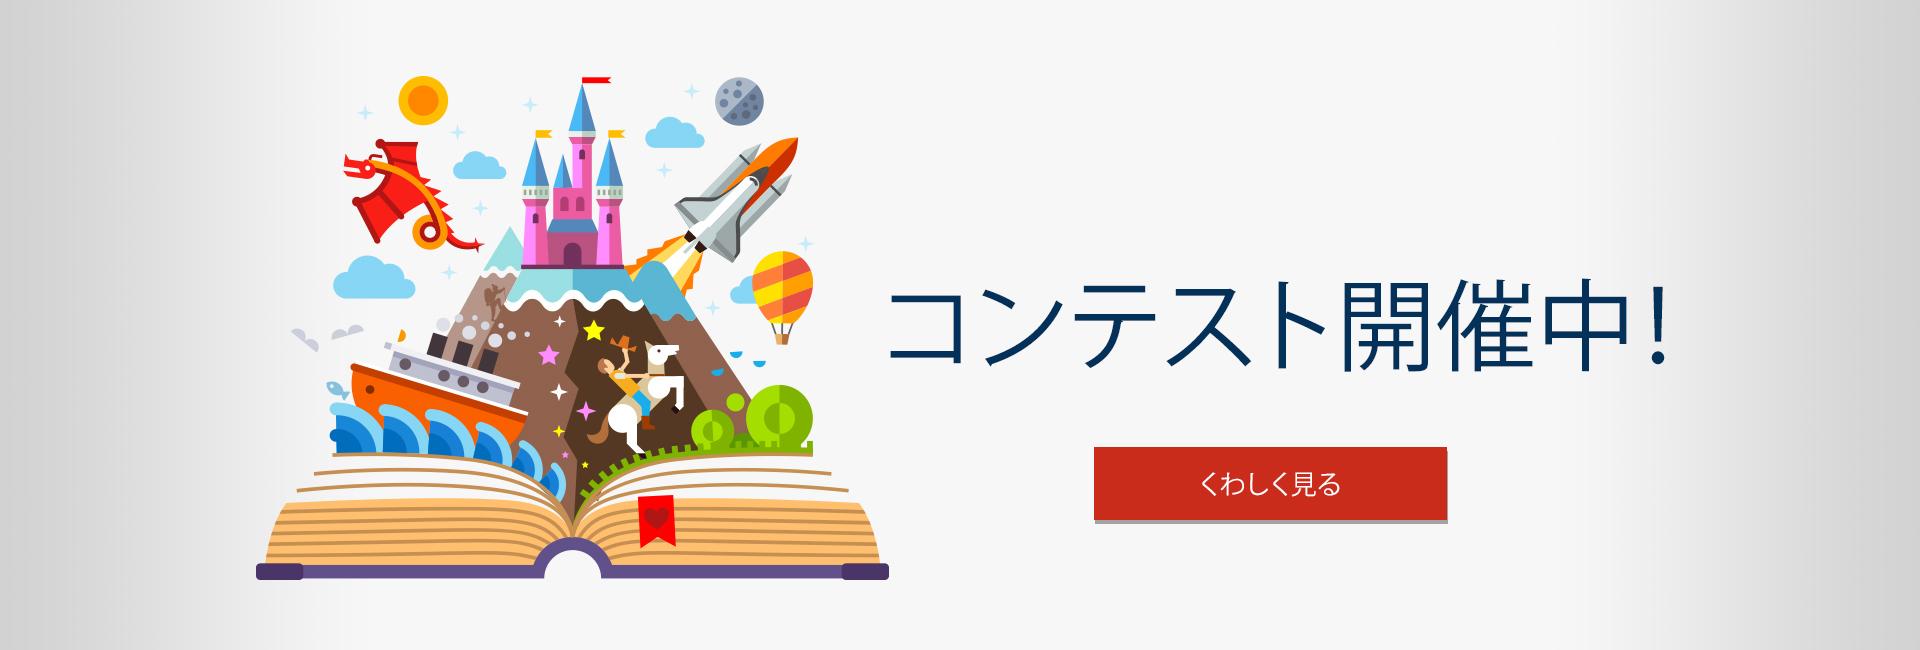 homepage-banner-jp2